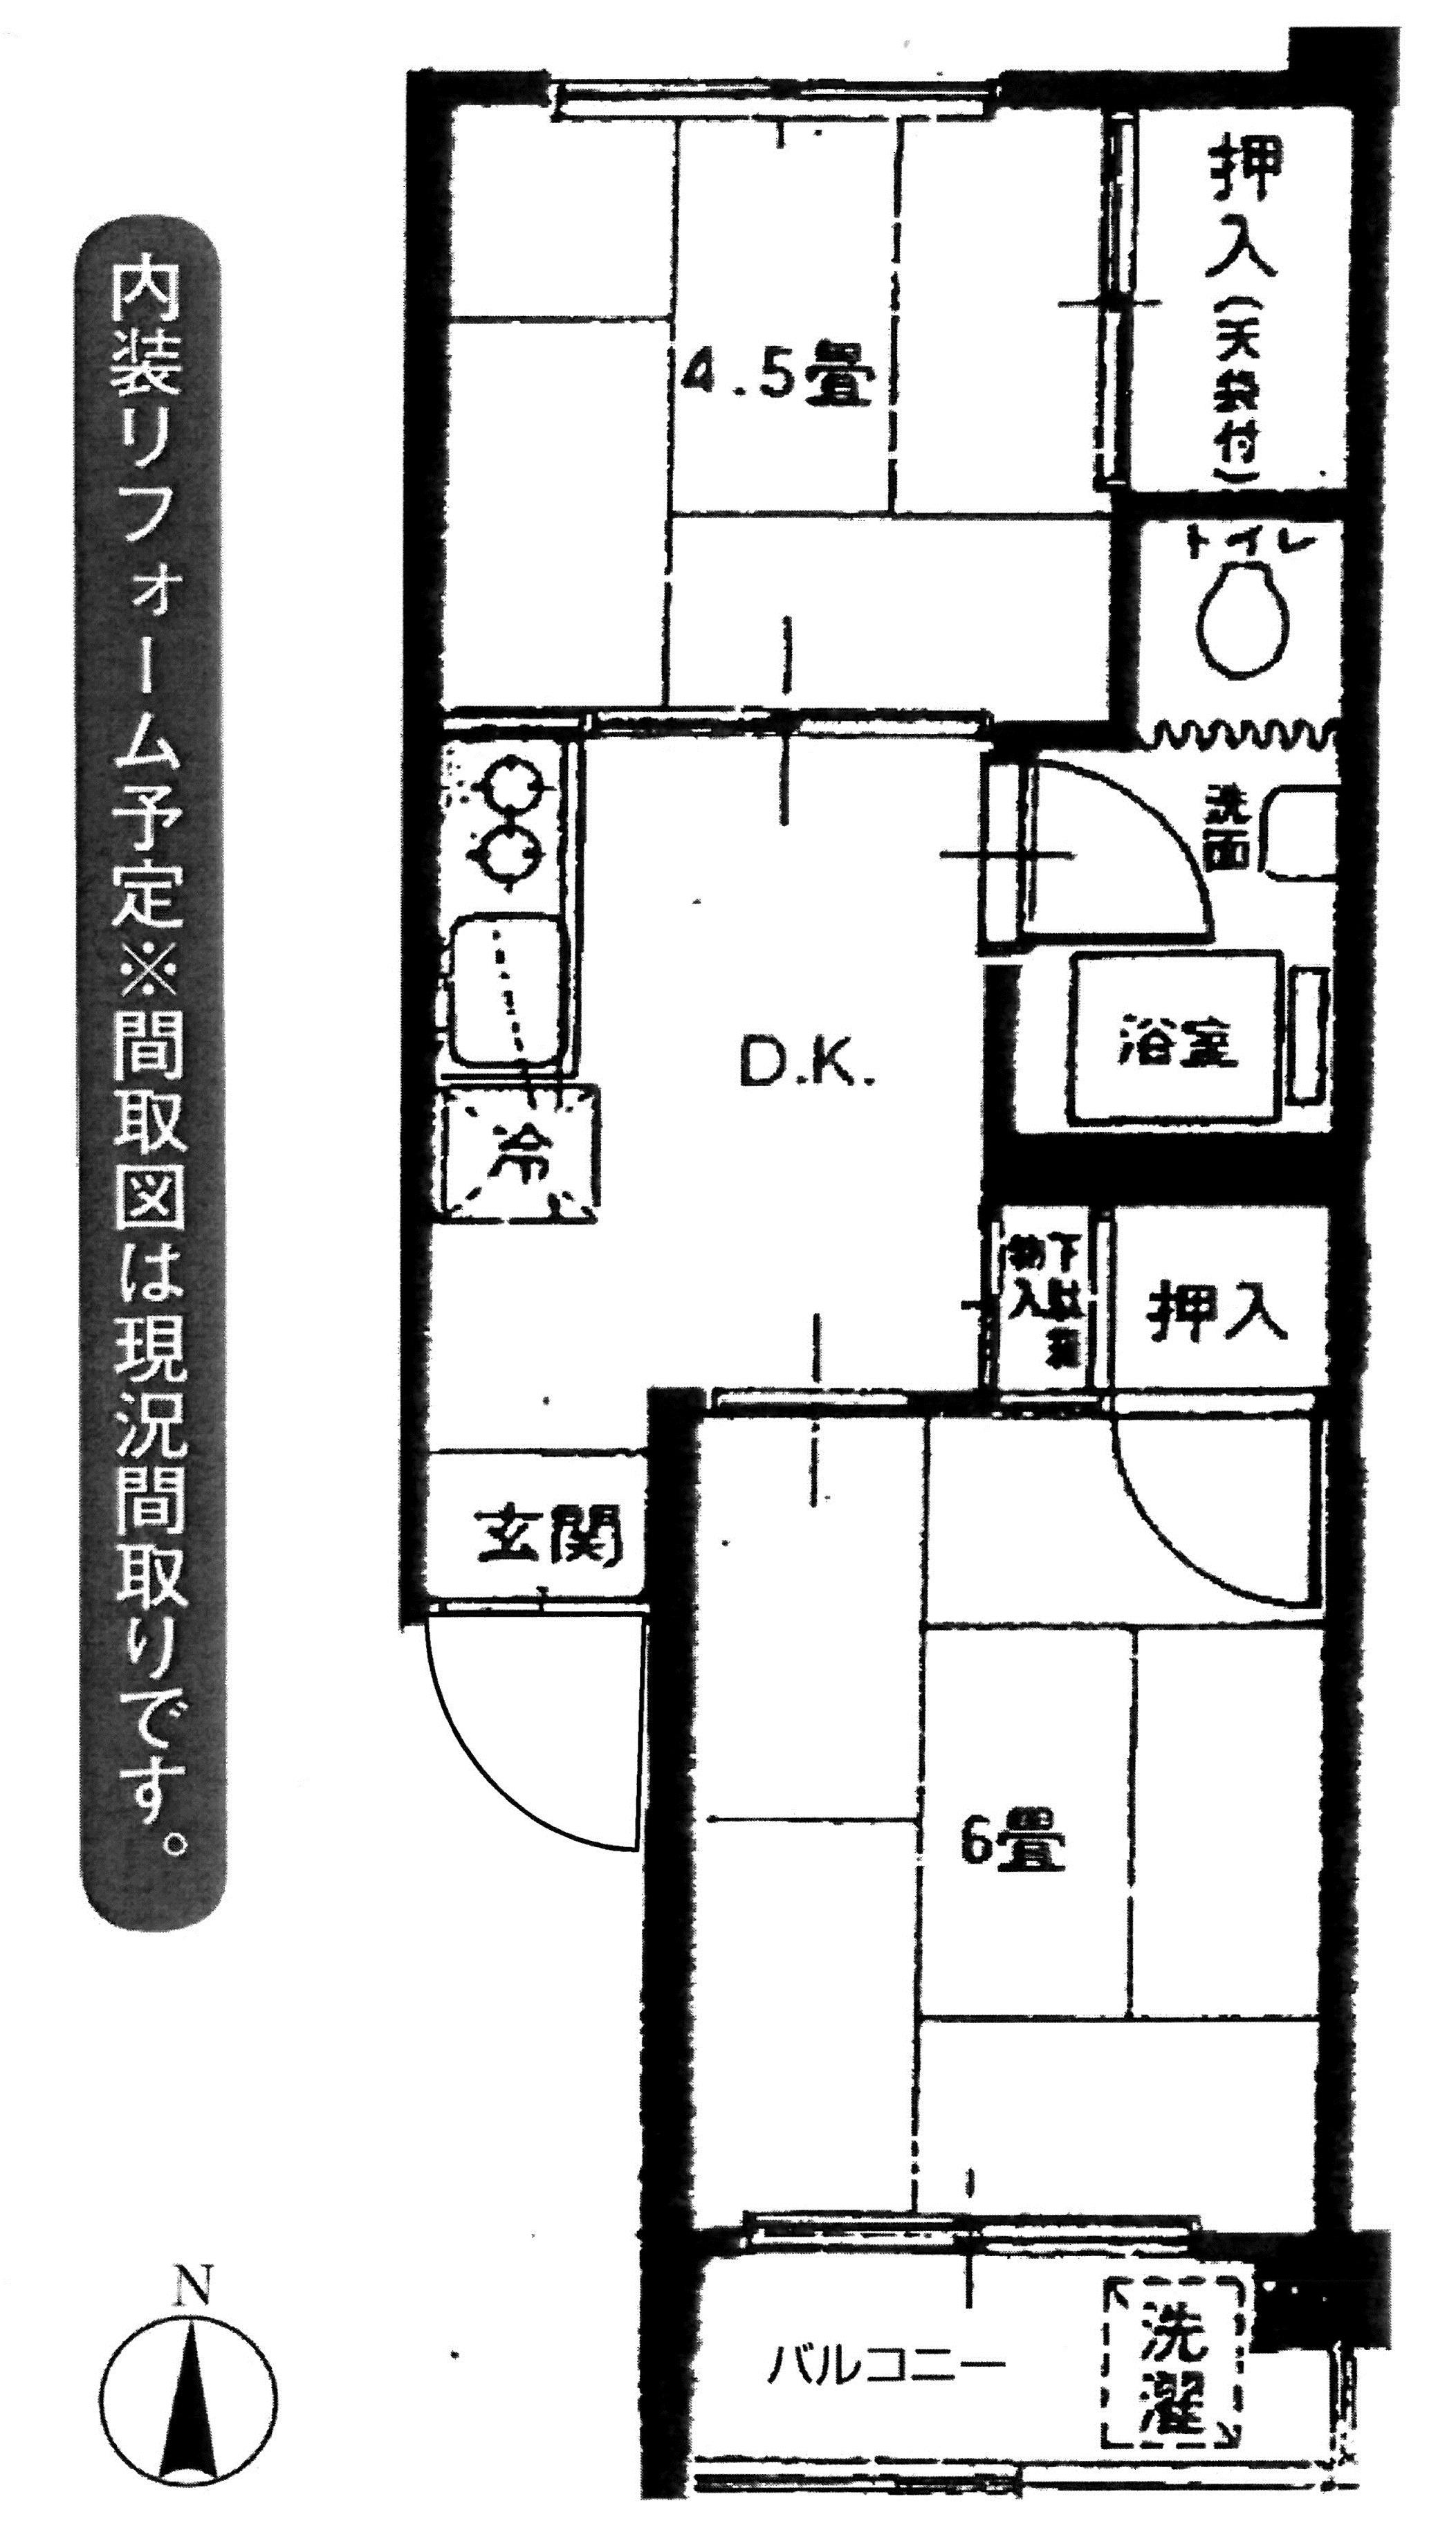 江古田ローヤルコーポ☆南向き☆駅から徒歩2分☆新規内装リフォーム後引渡し☆